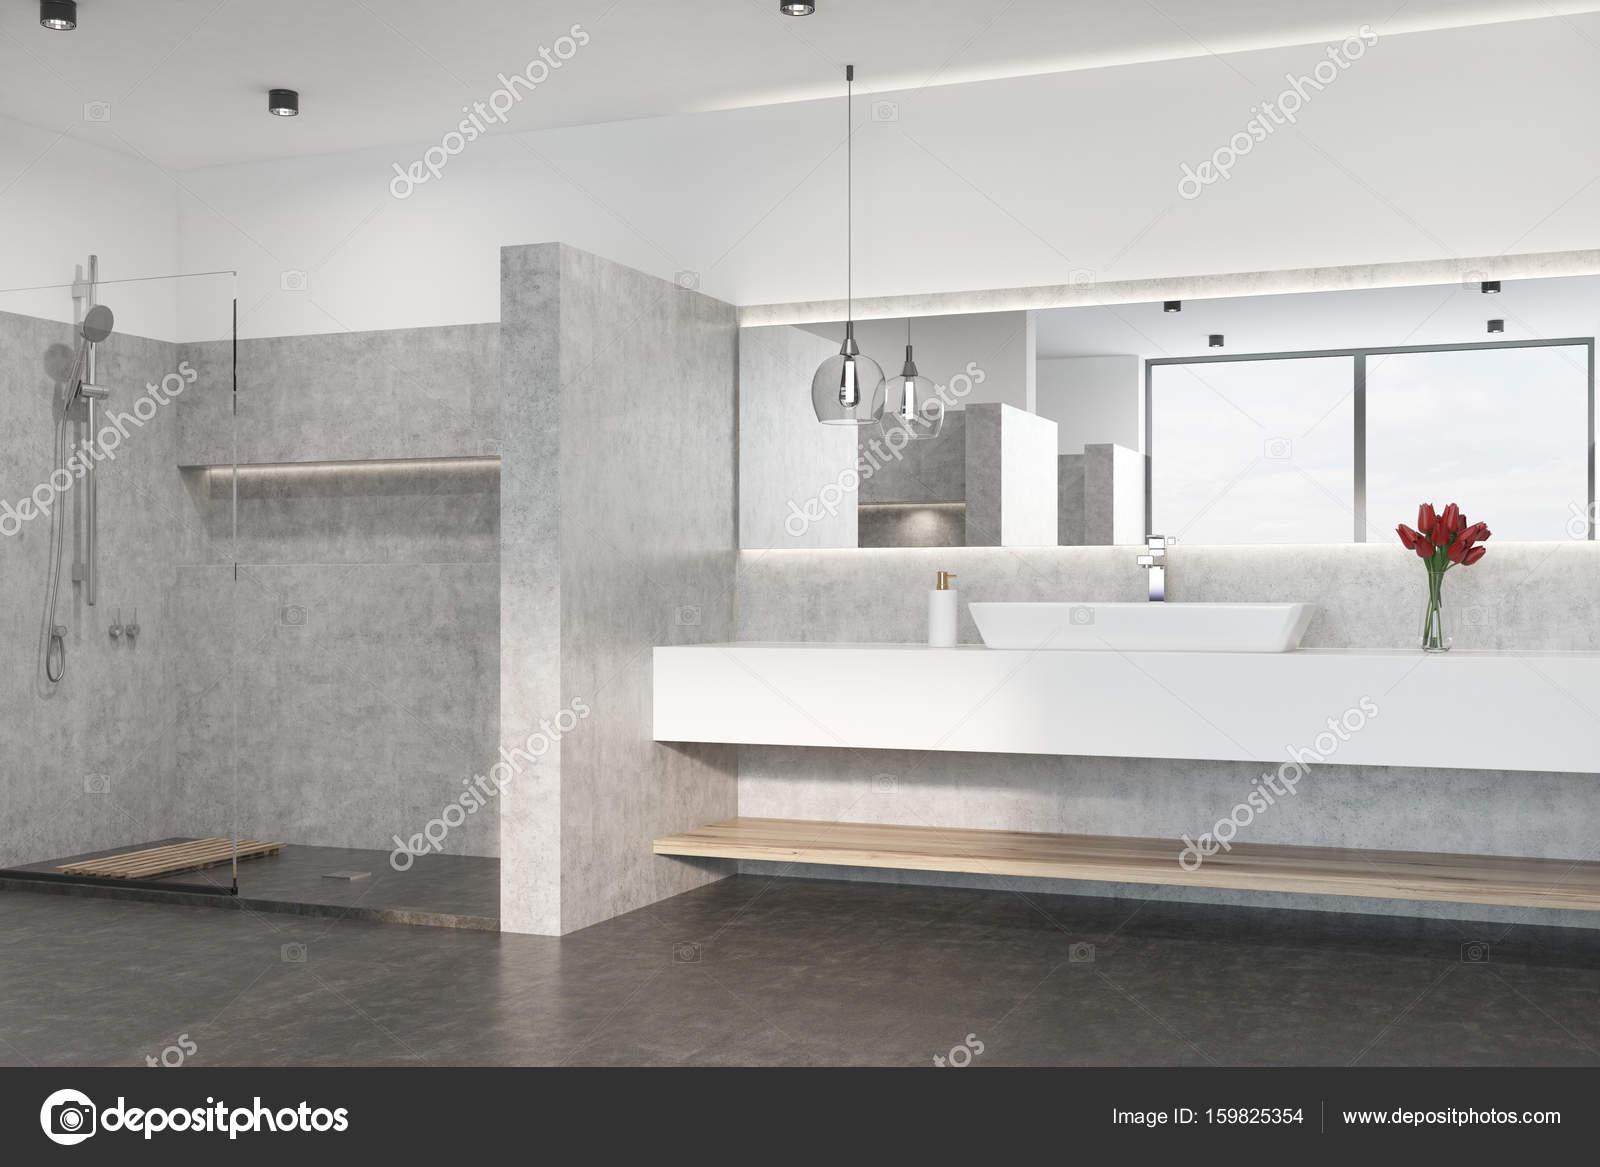 https://st3.depositphotos.com/2673929/15982/i/1600/depositphotos_159825354-stockafbeelding-grijze-badkamer-met-een-douche.jpg